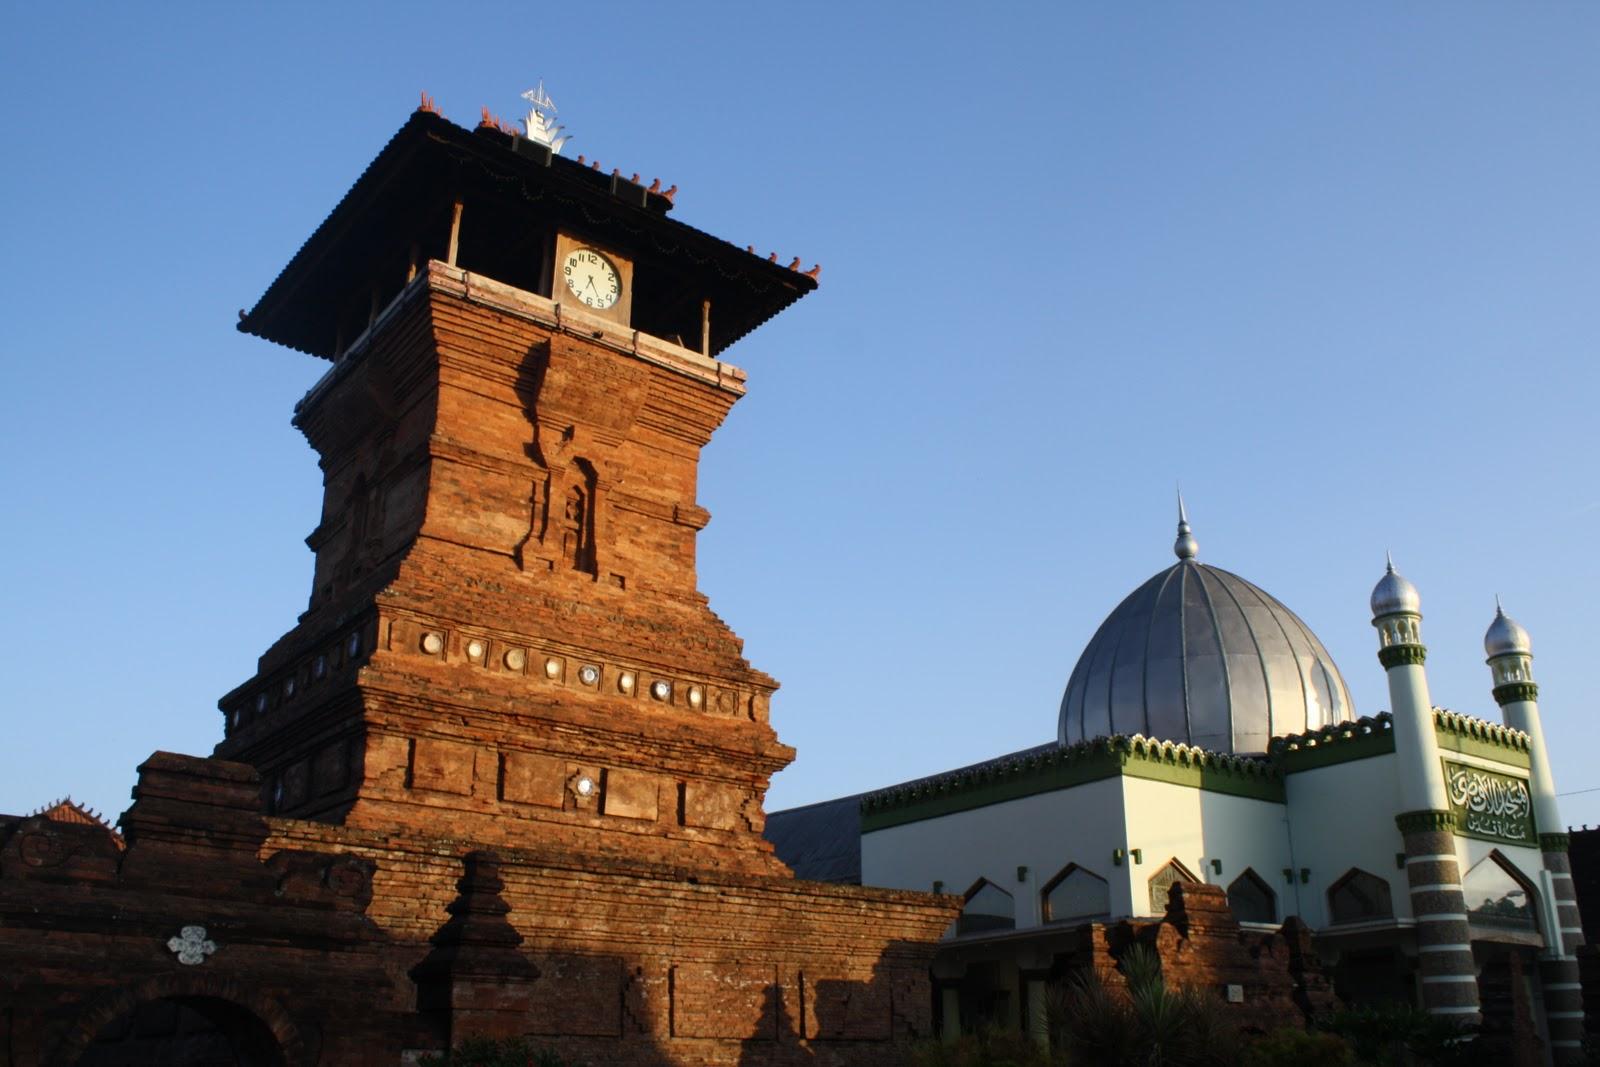 Kudus Indonesia  city pictures gallery : Masjid masjid Aneh dan Unik di Indonesia ~ ₪ Chez Space